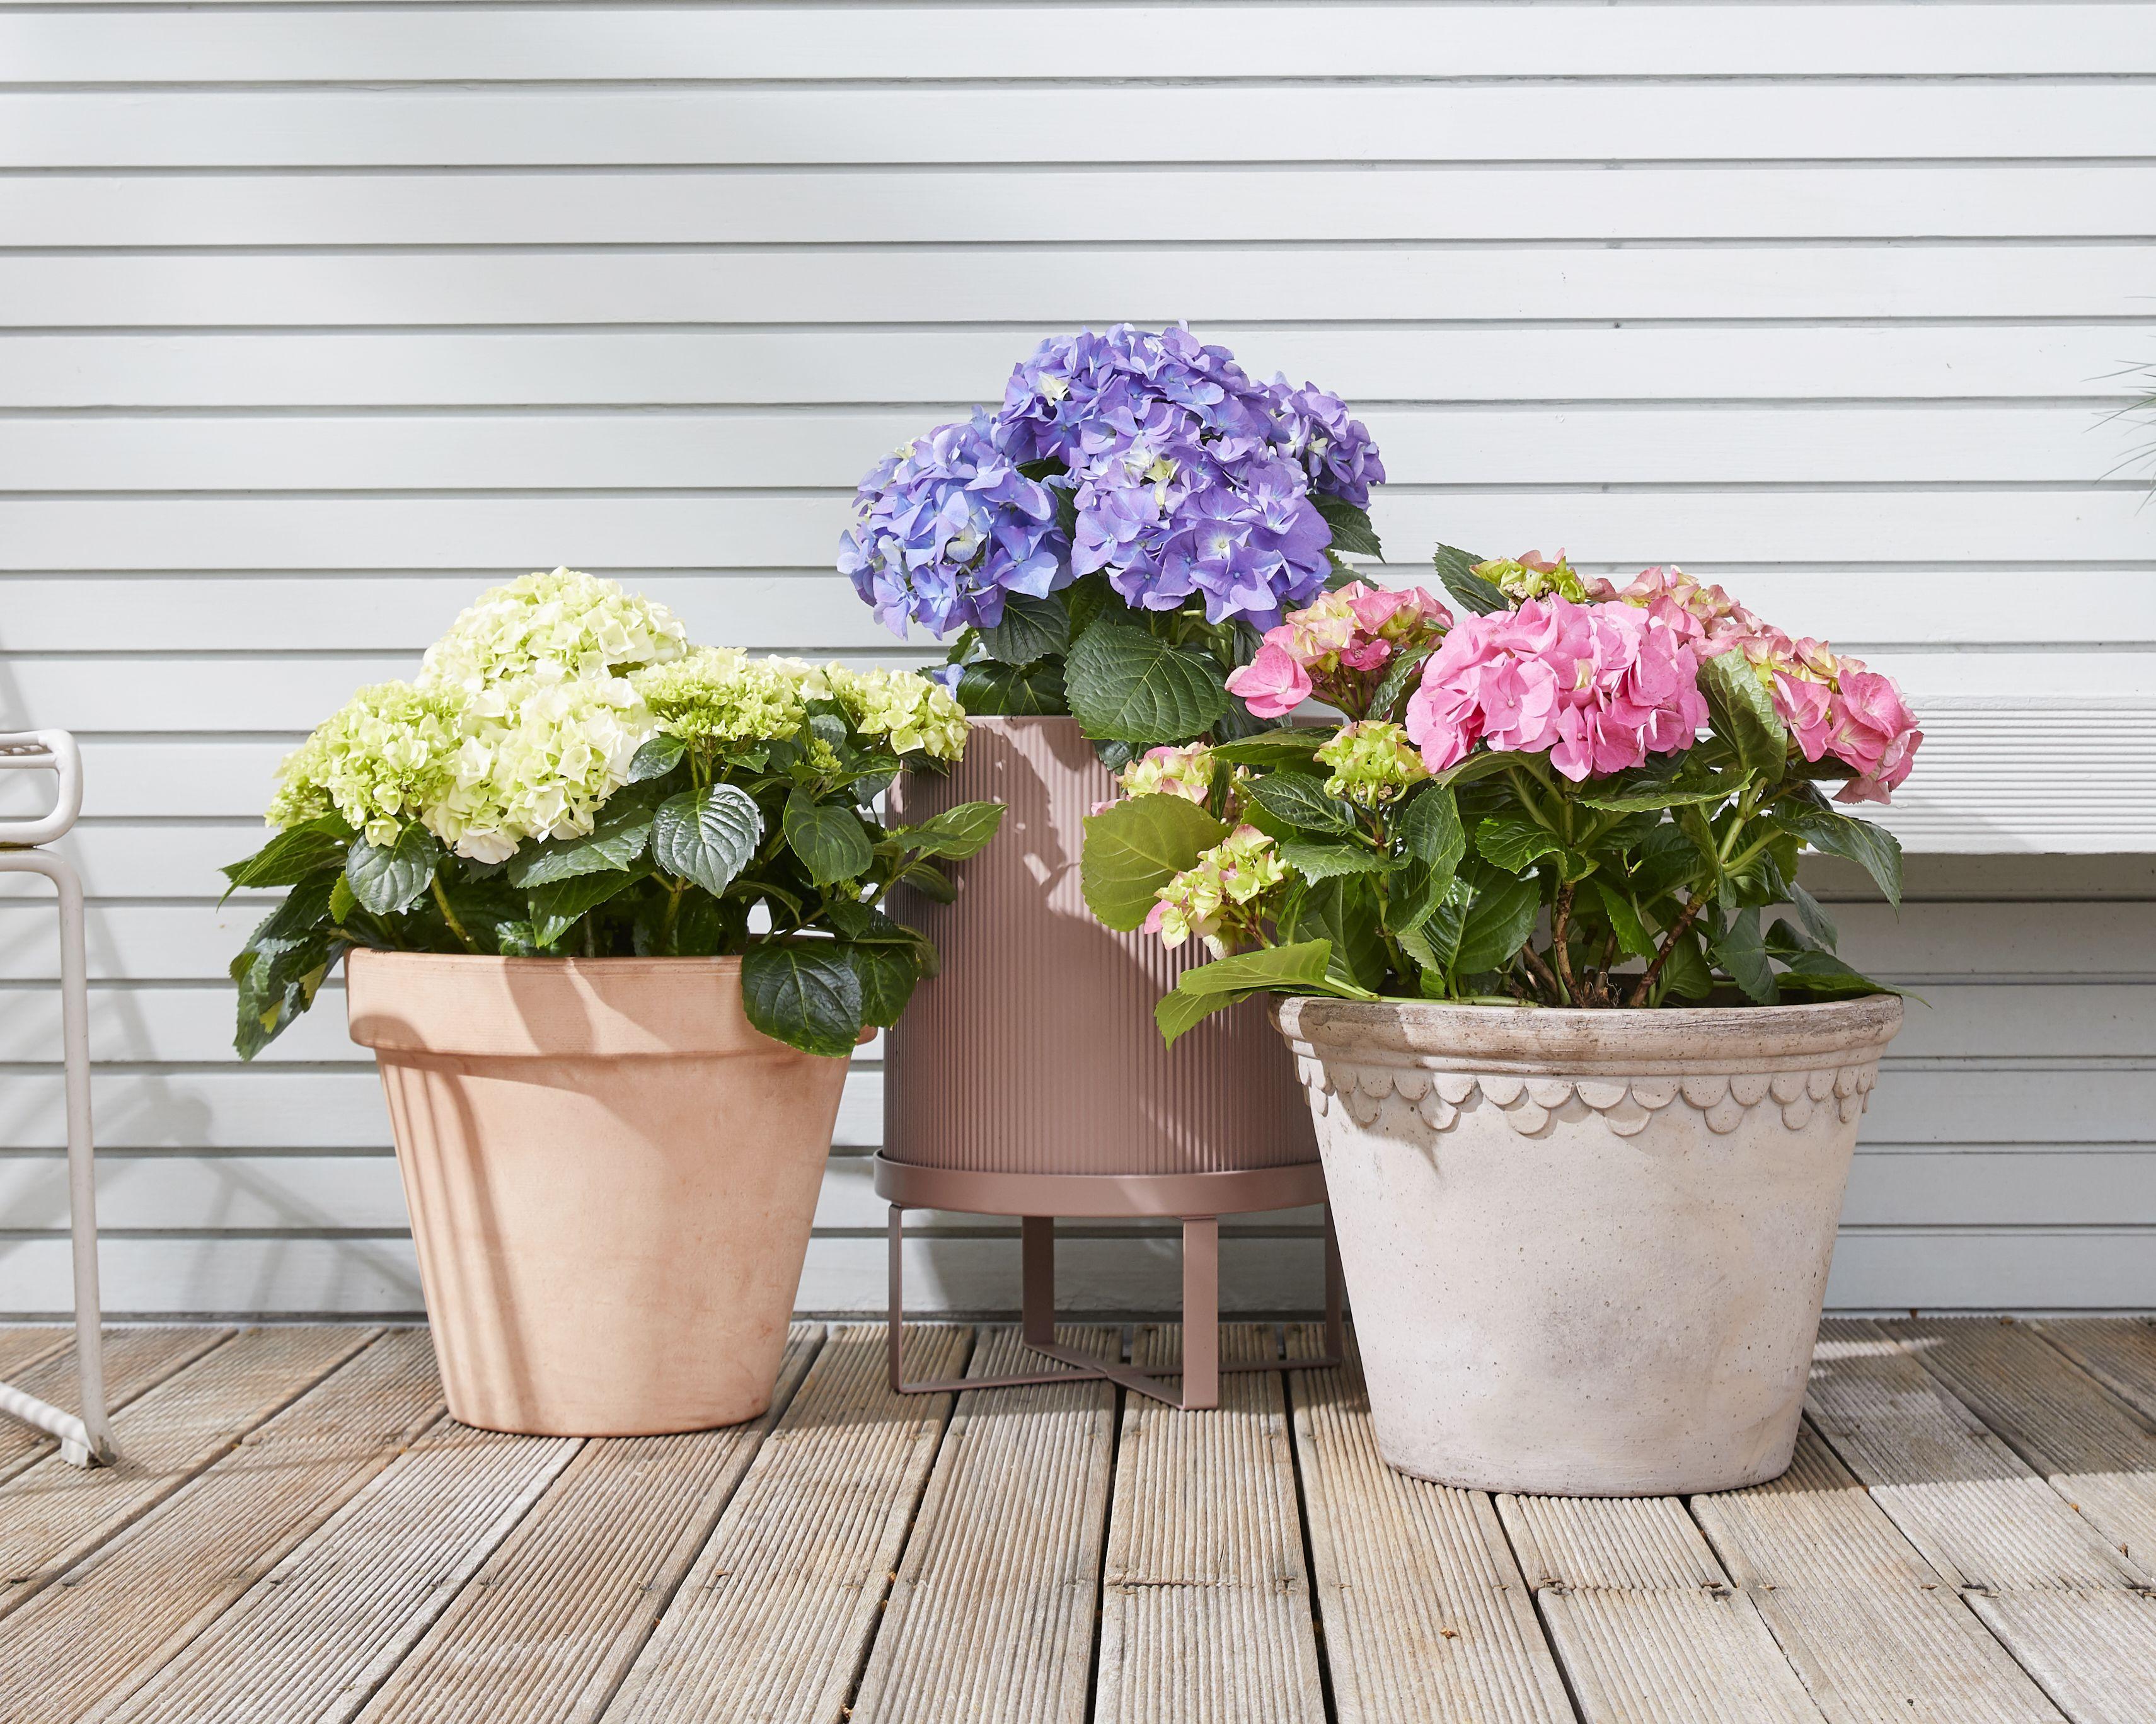 10 Best Outdoor Plants